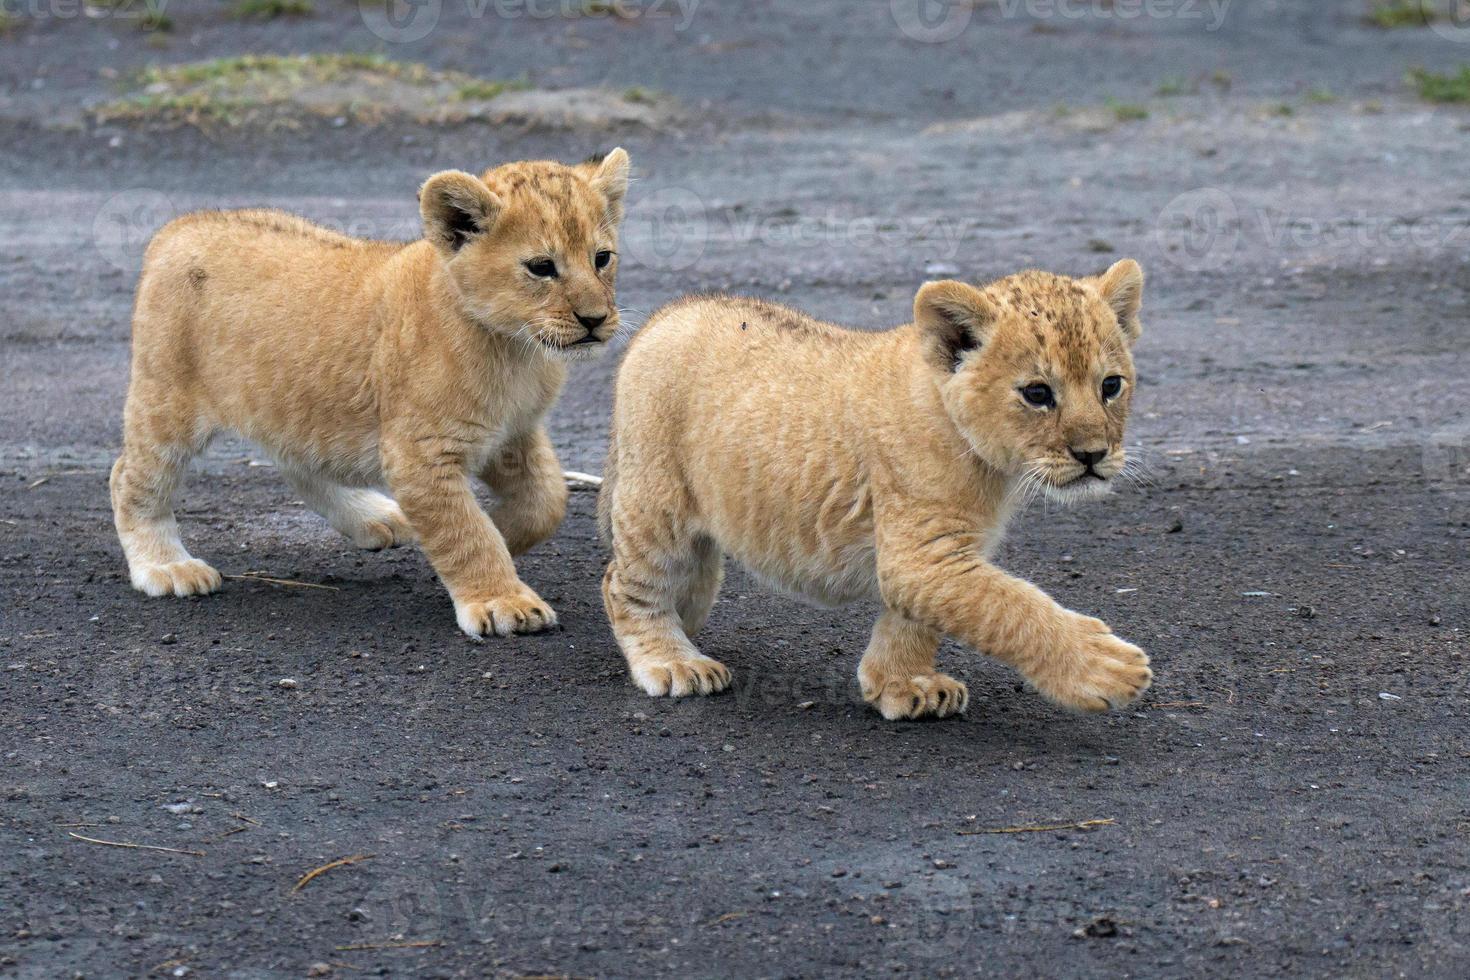 cachorros de león foto